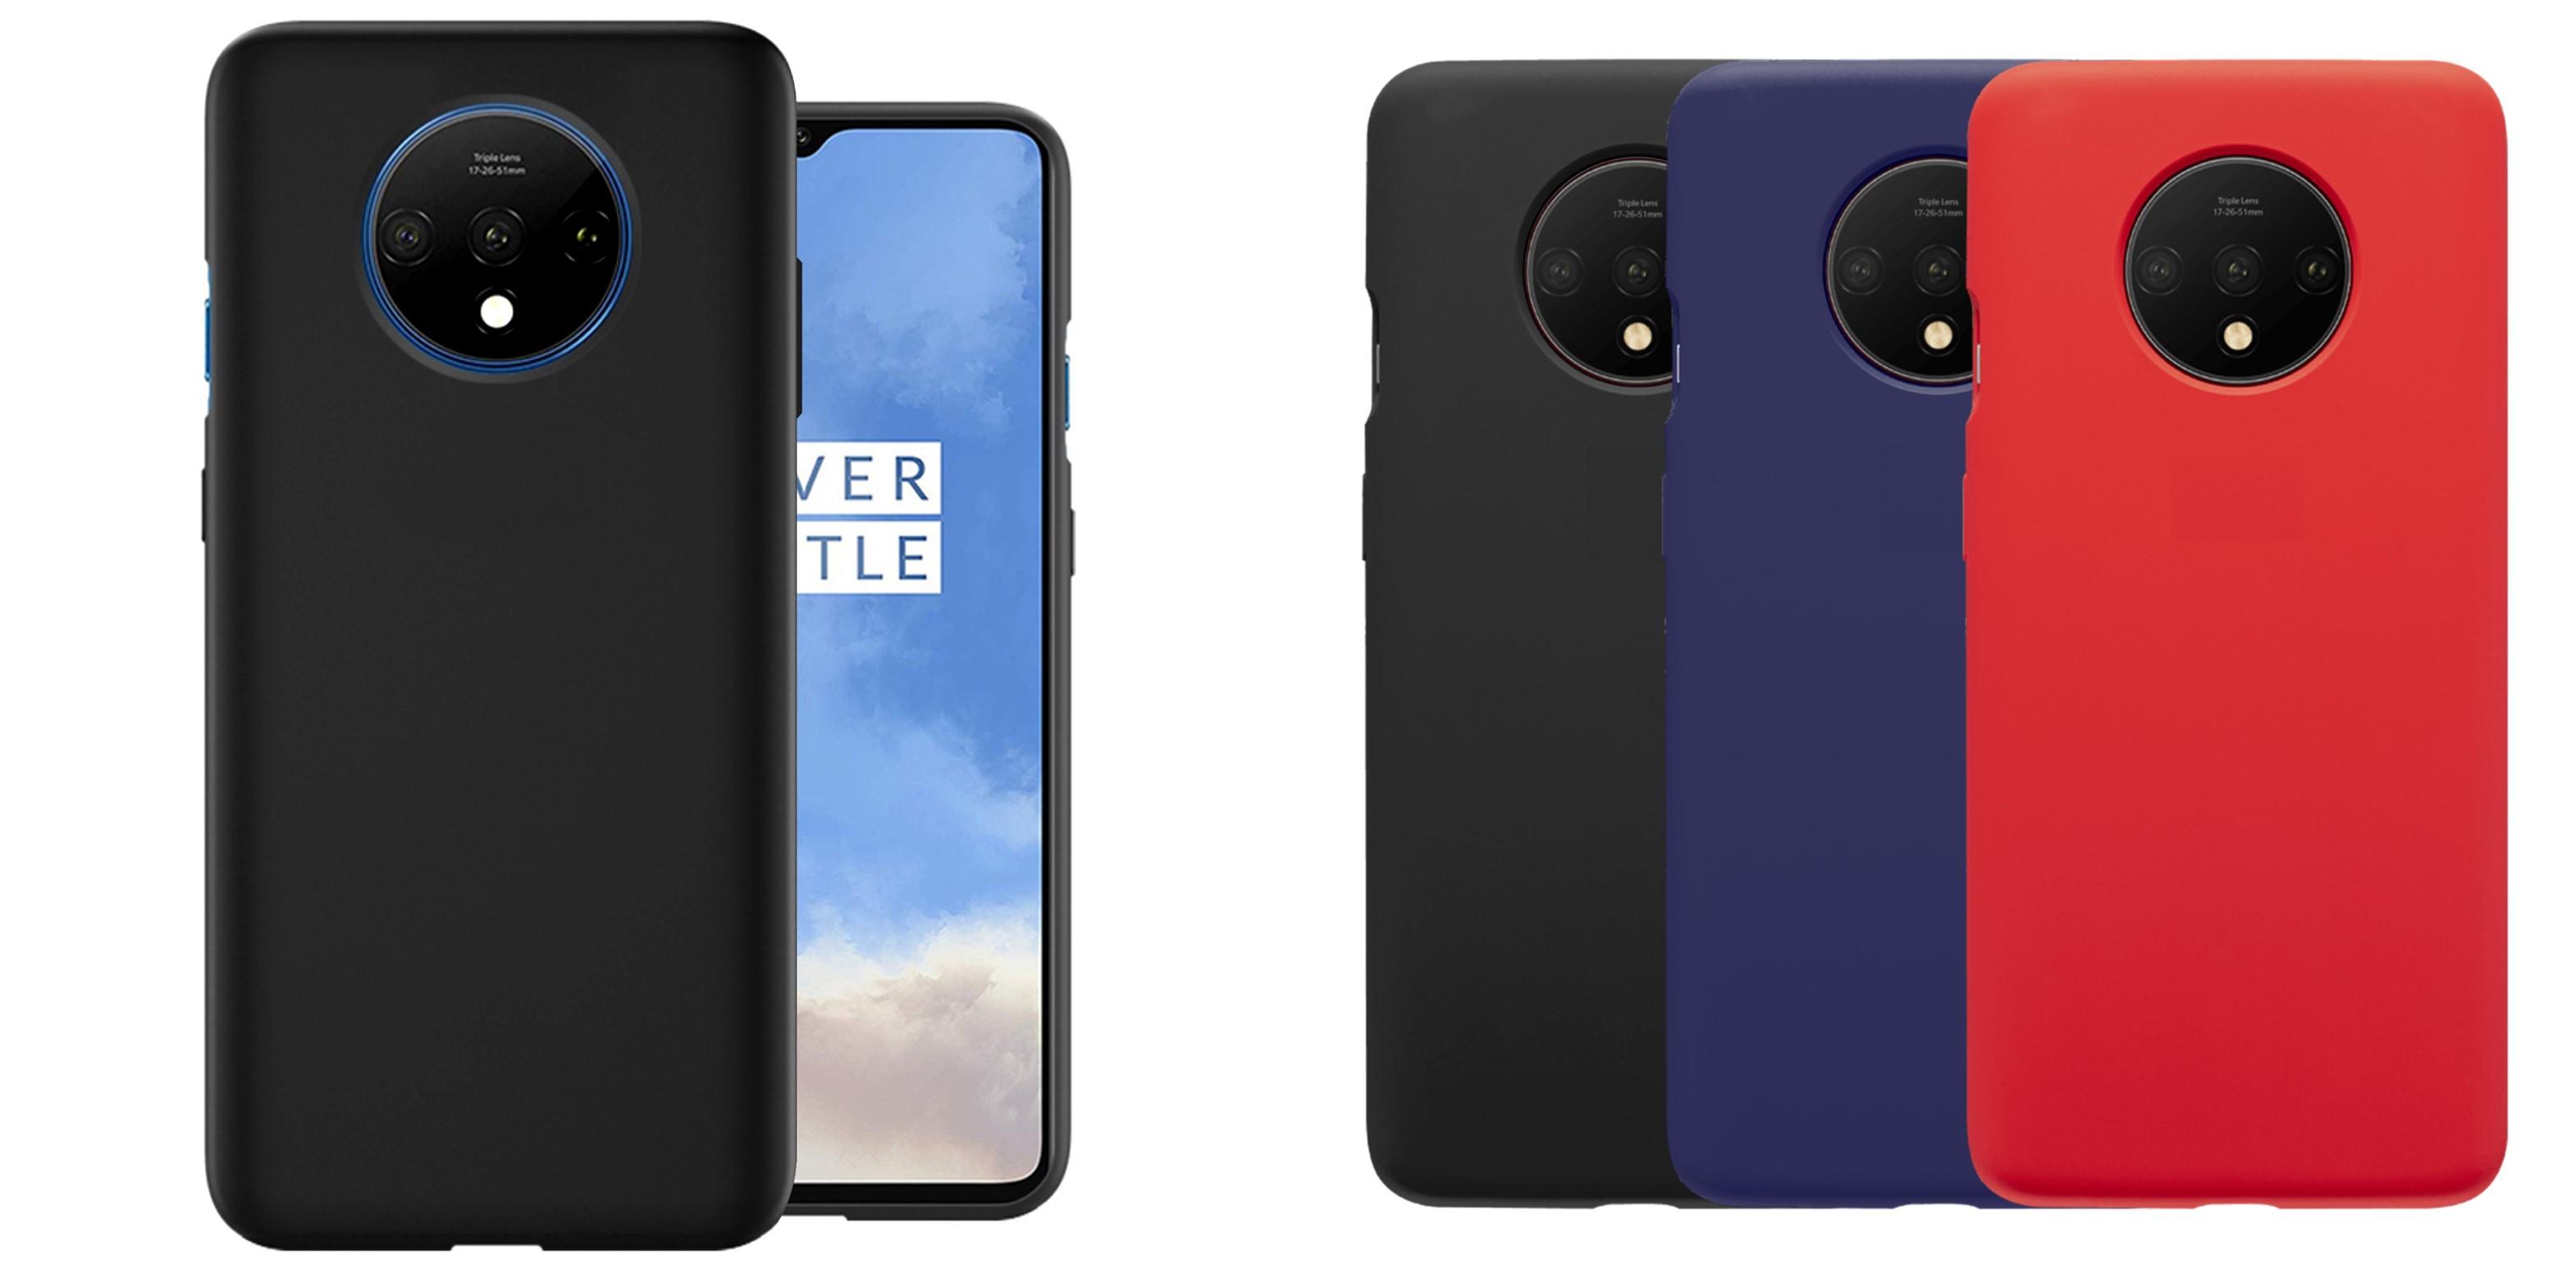 noziroh rubber oneplus 7t cover case liquid silicone slim design black blue red